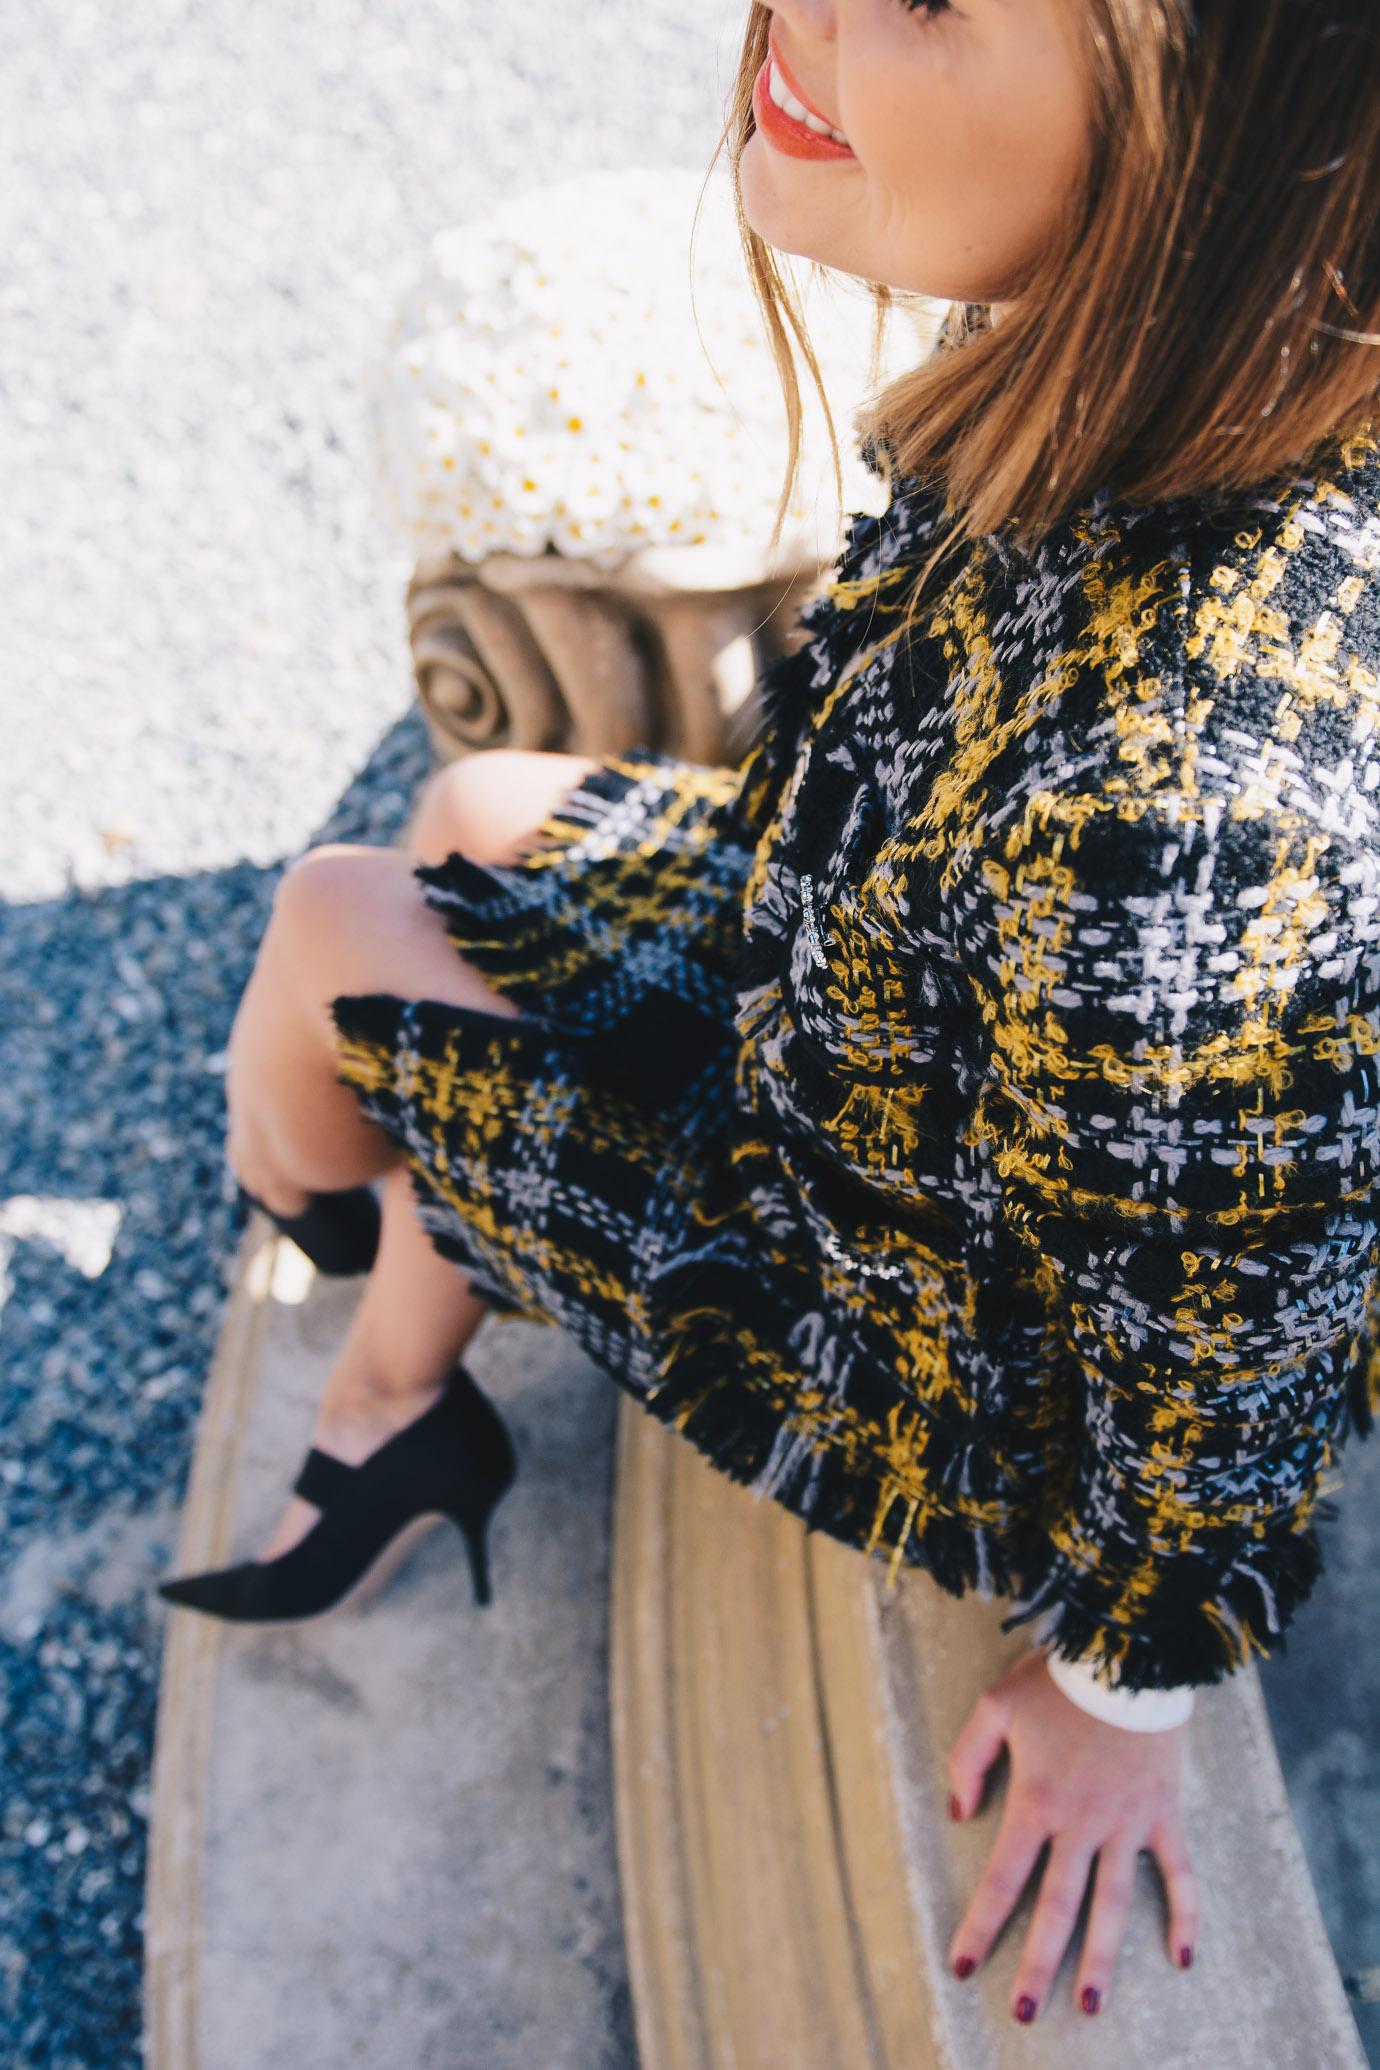 ERDEM H&M collection blazer